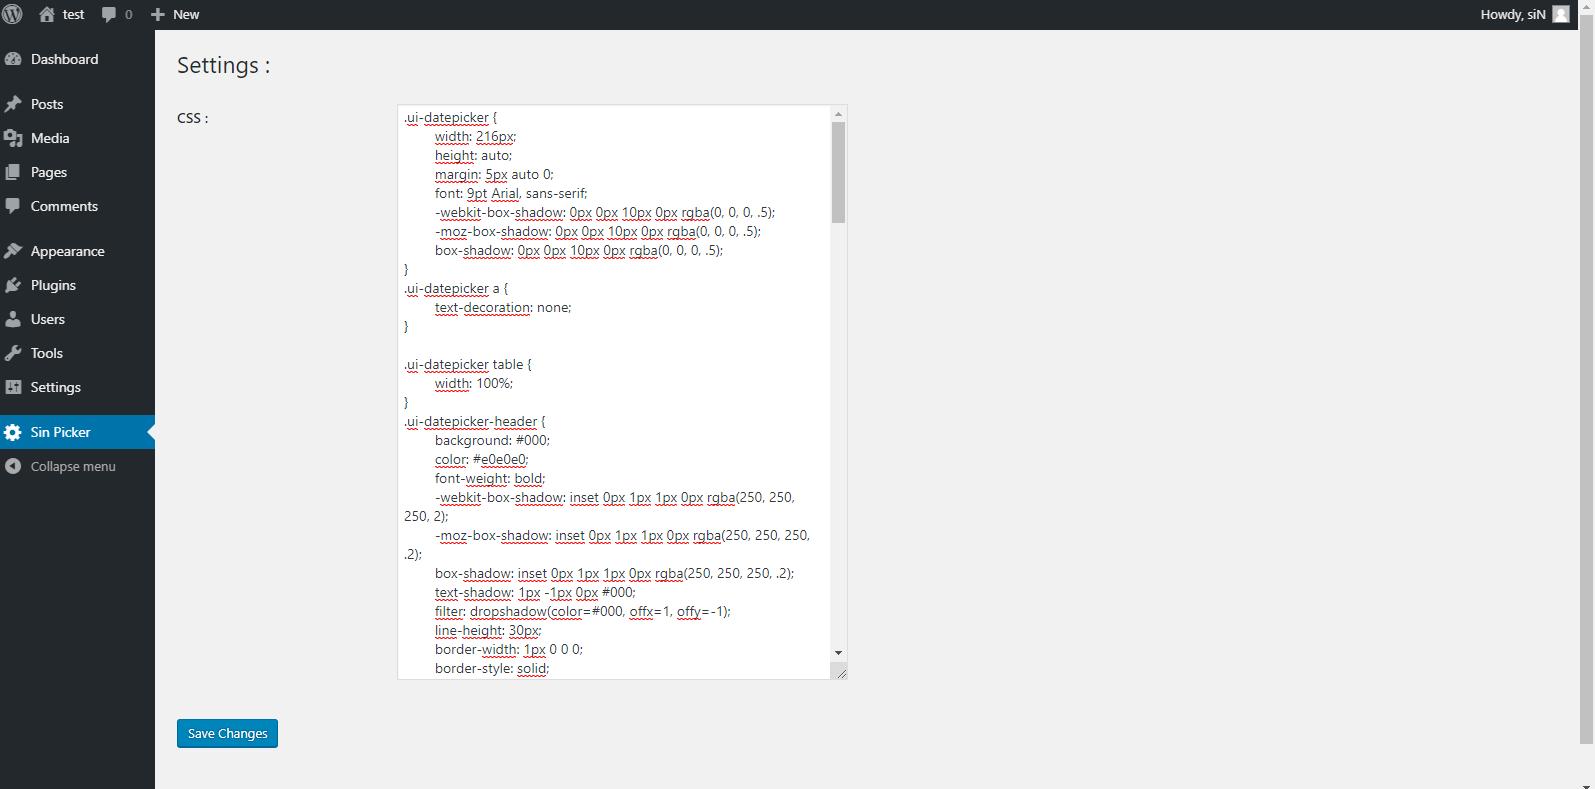 GitHub - sindev95/sinpick: jQuery datepicker plugin for